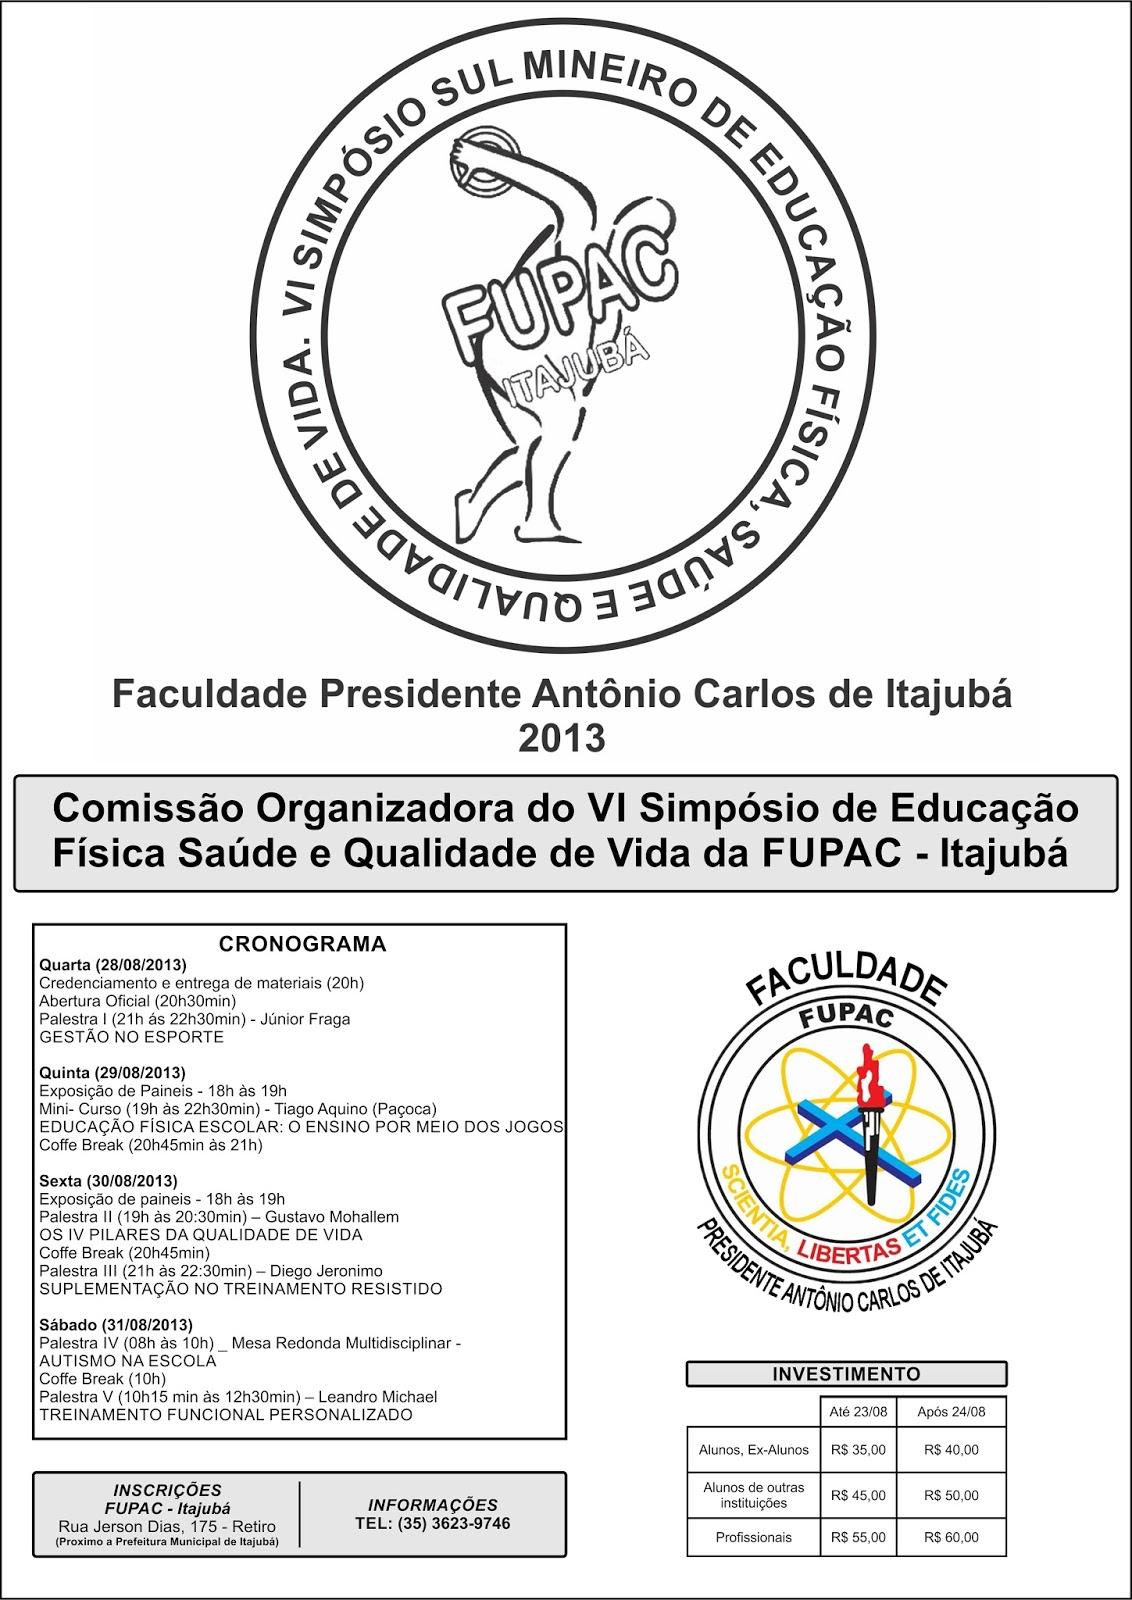 VI SIMPÓSIO DE EDUCAÇÃO FÍSICA, SAÚDE E QUALIDADE DE VIDA